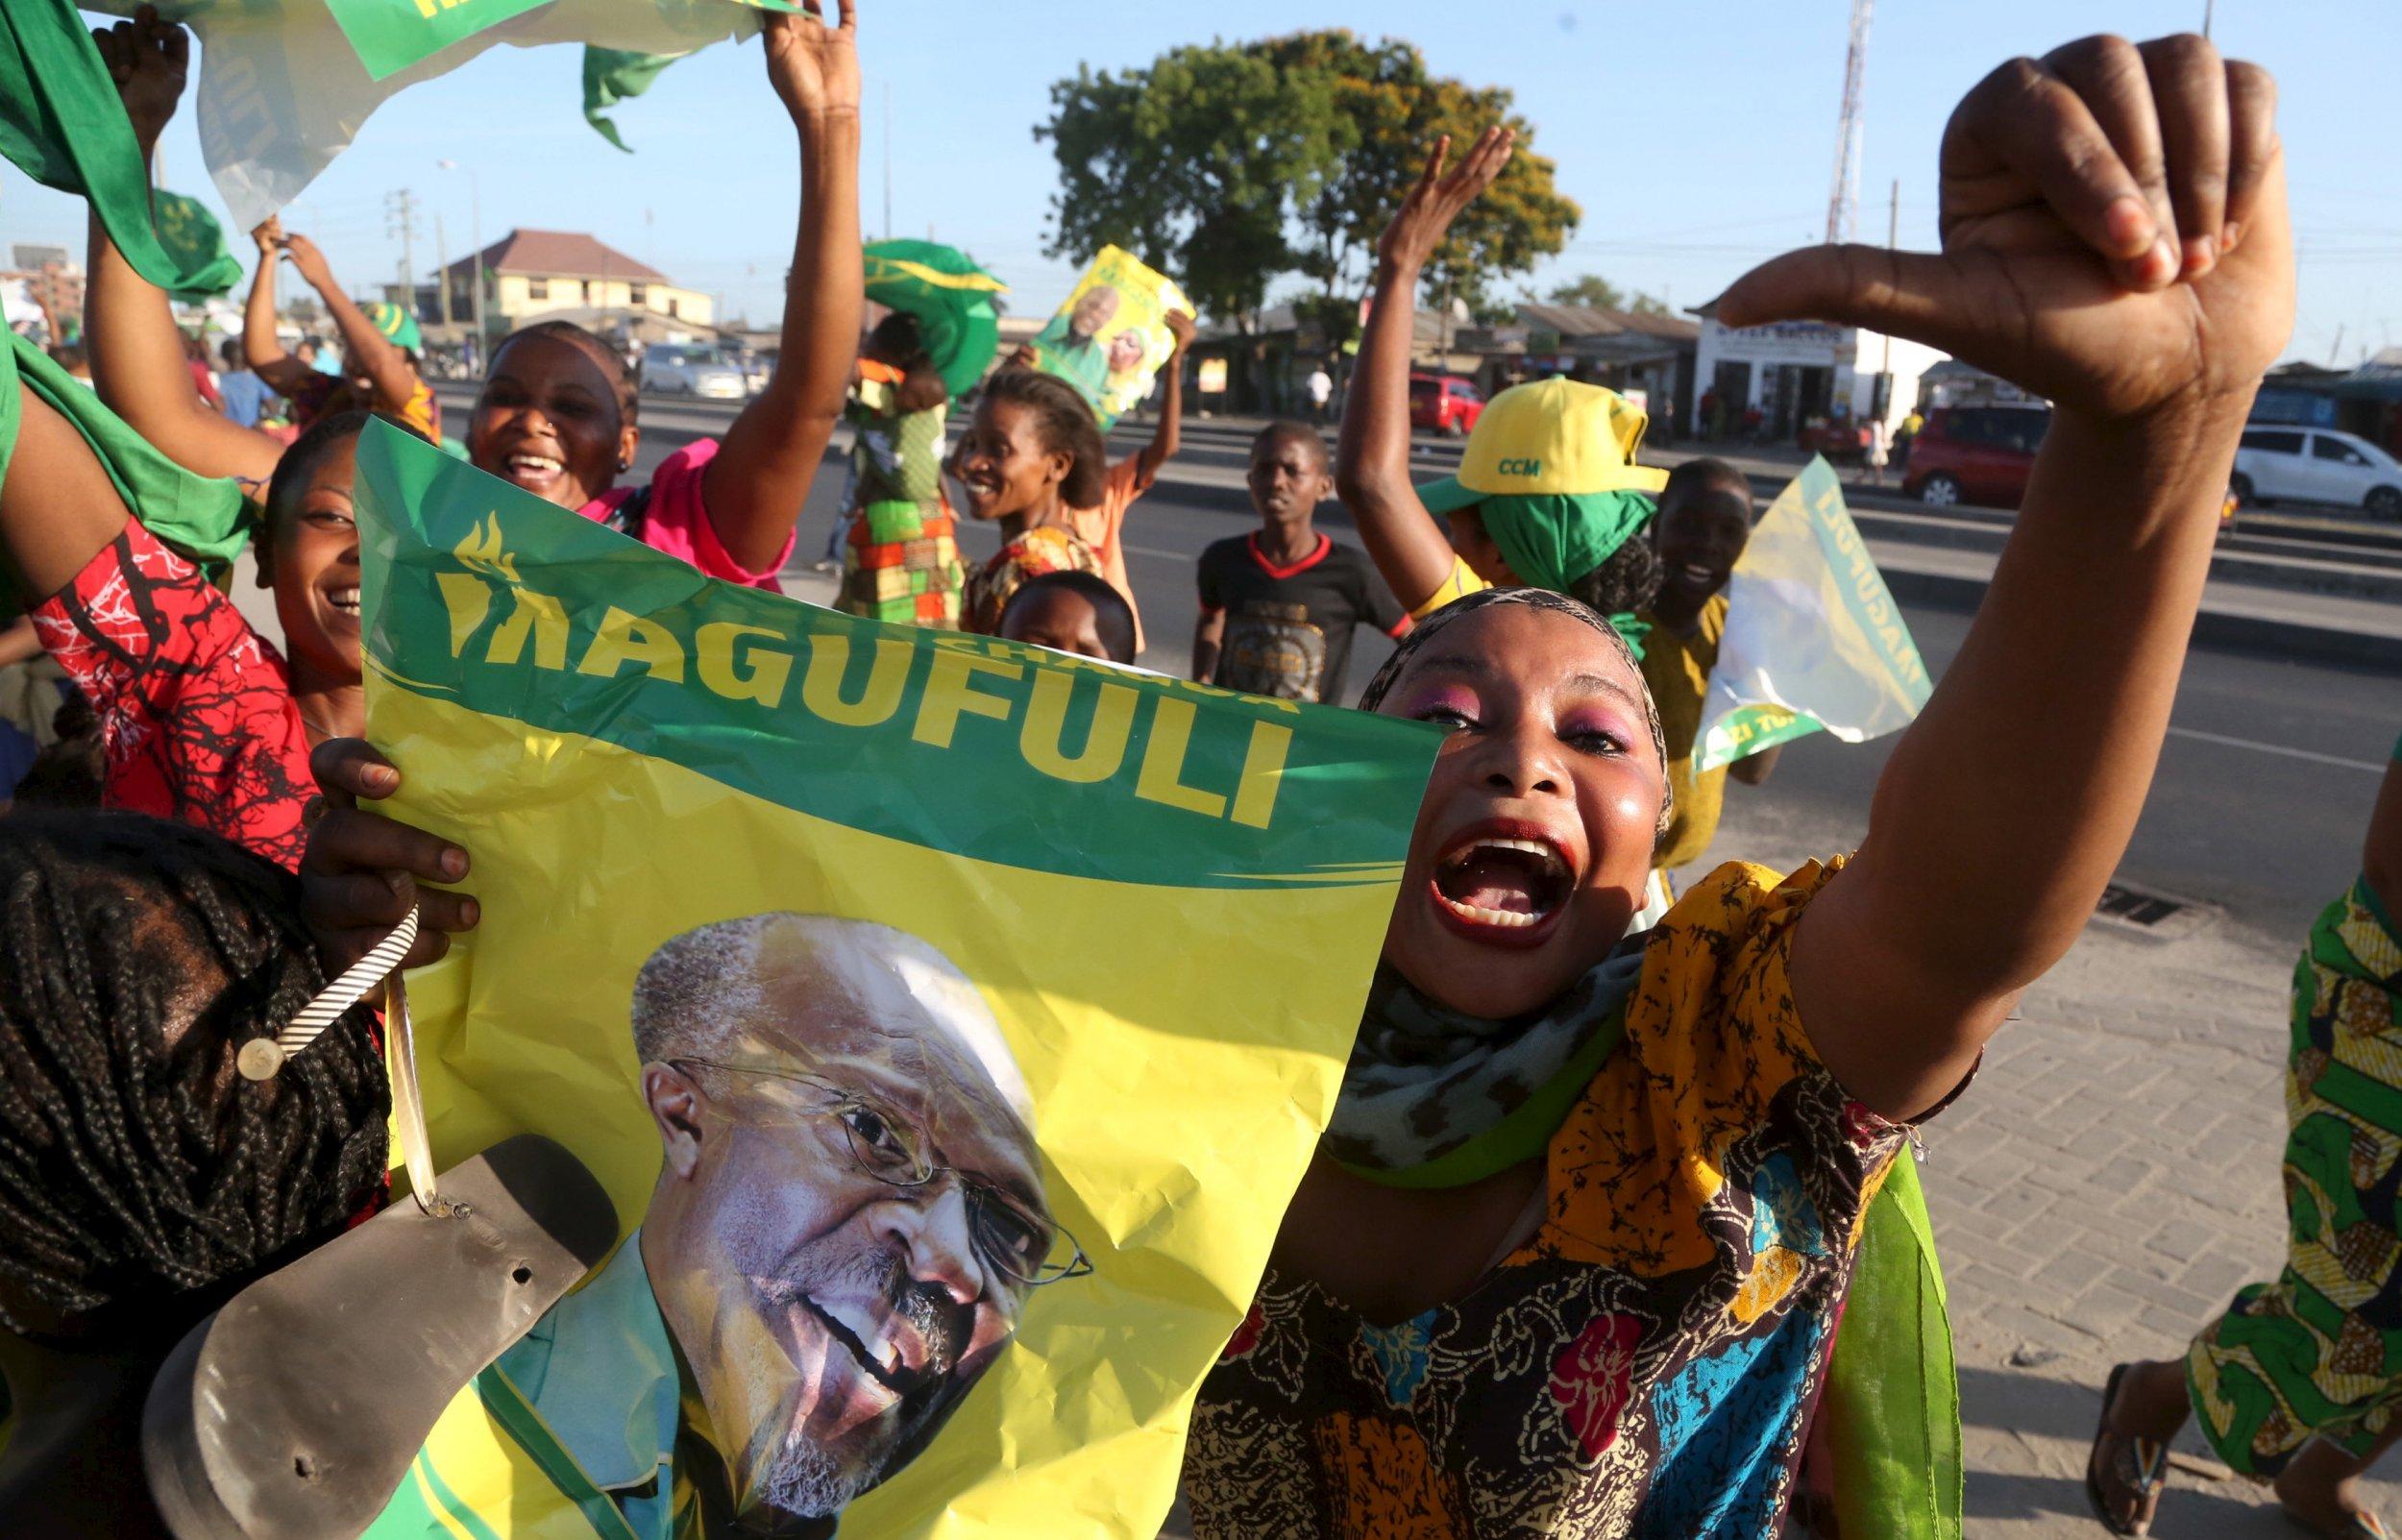 1211_Magufuli flag